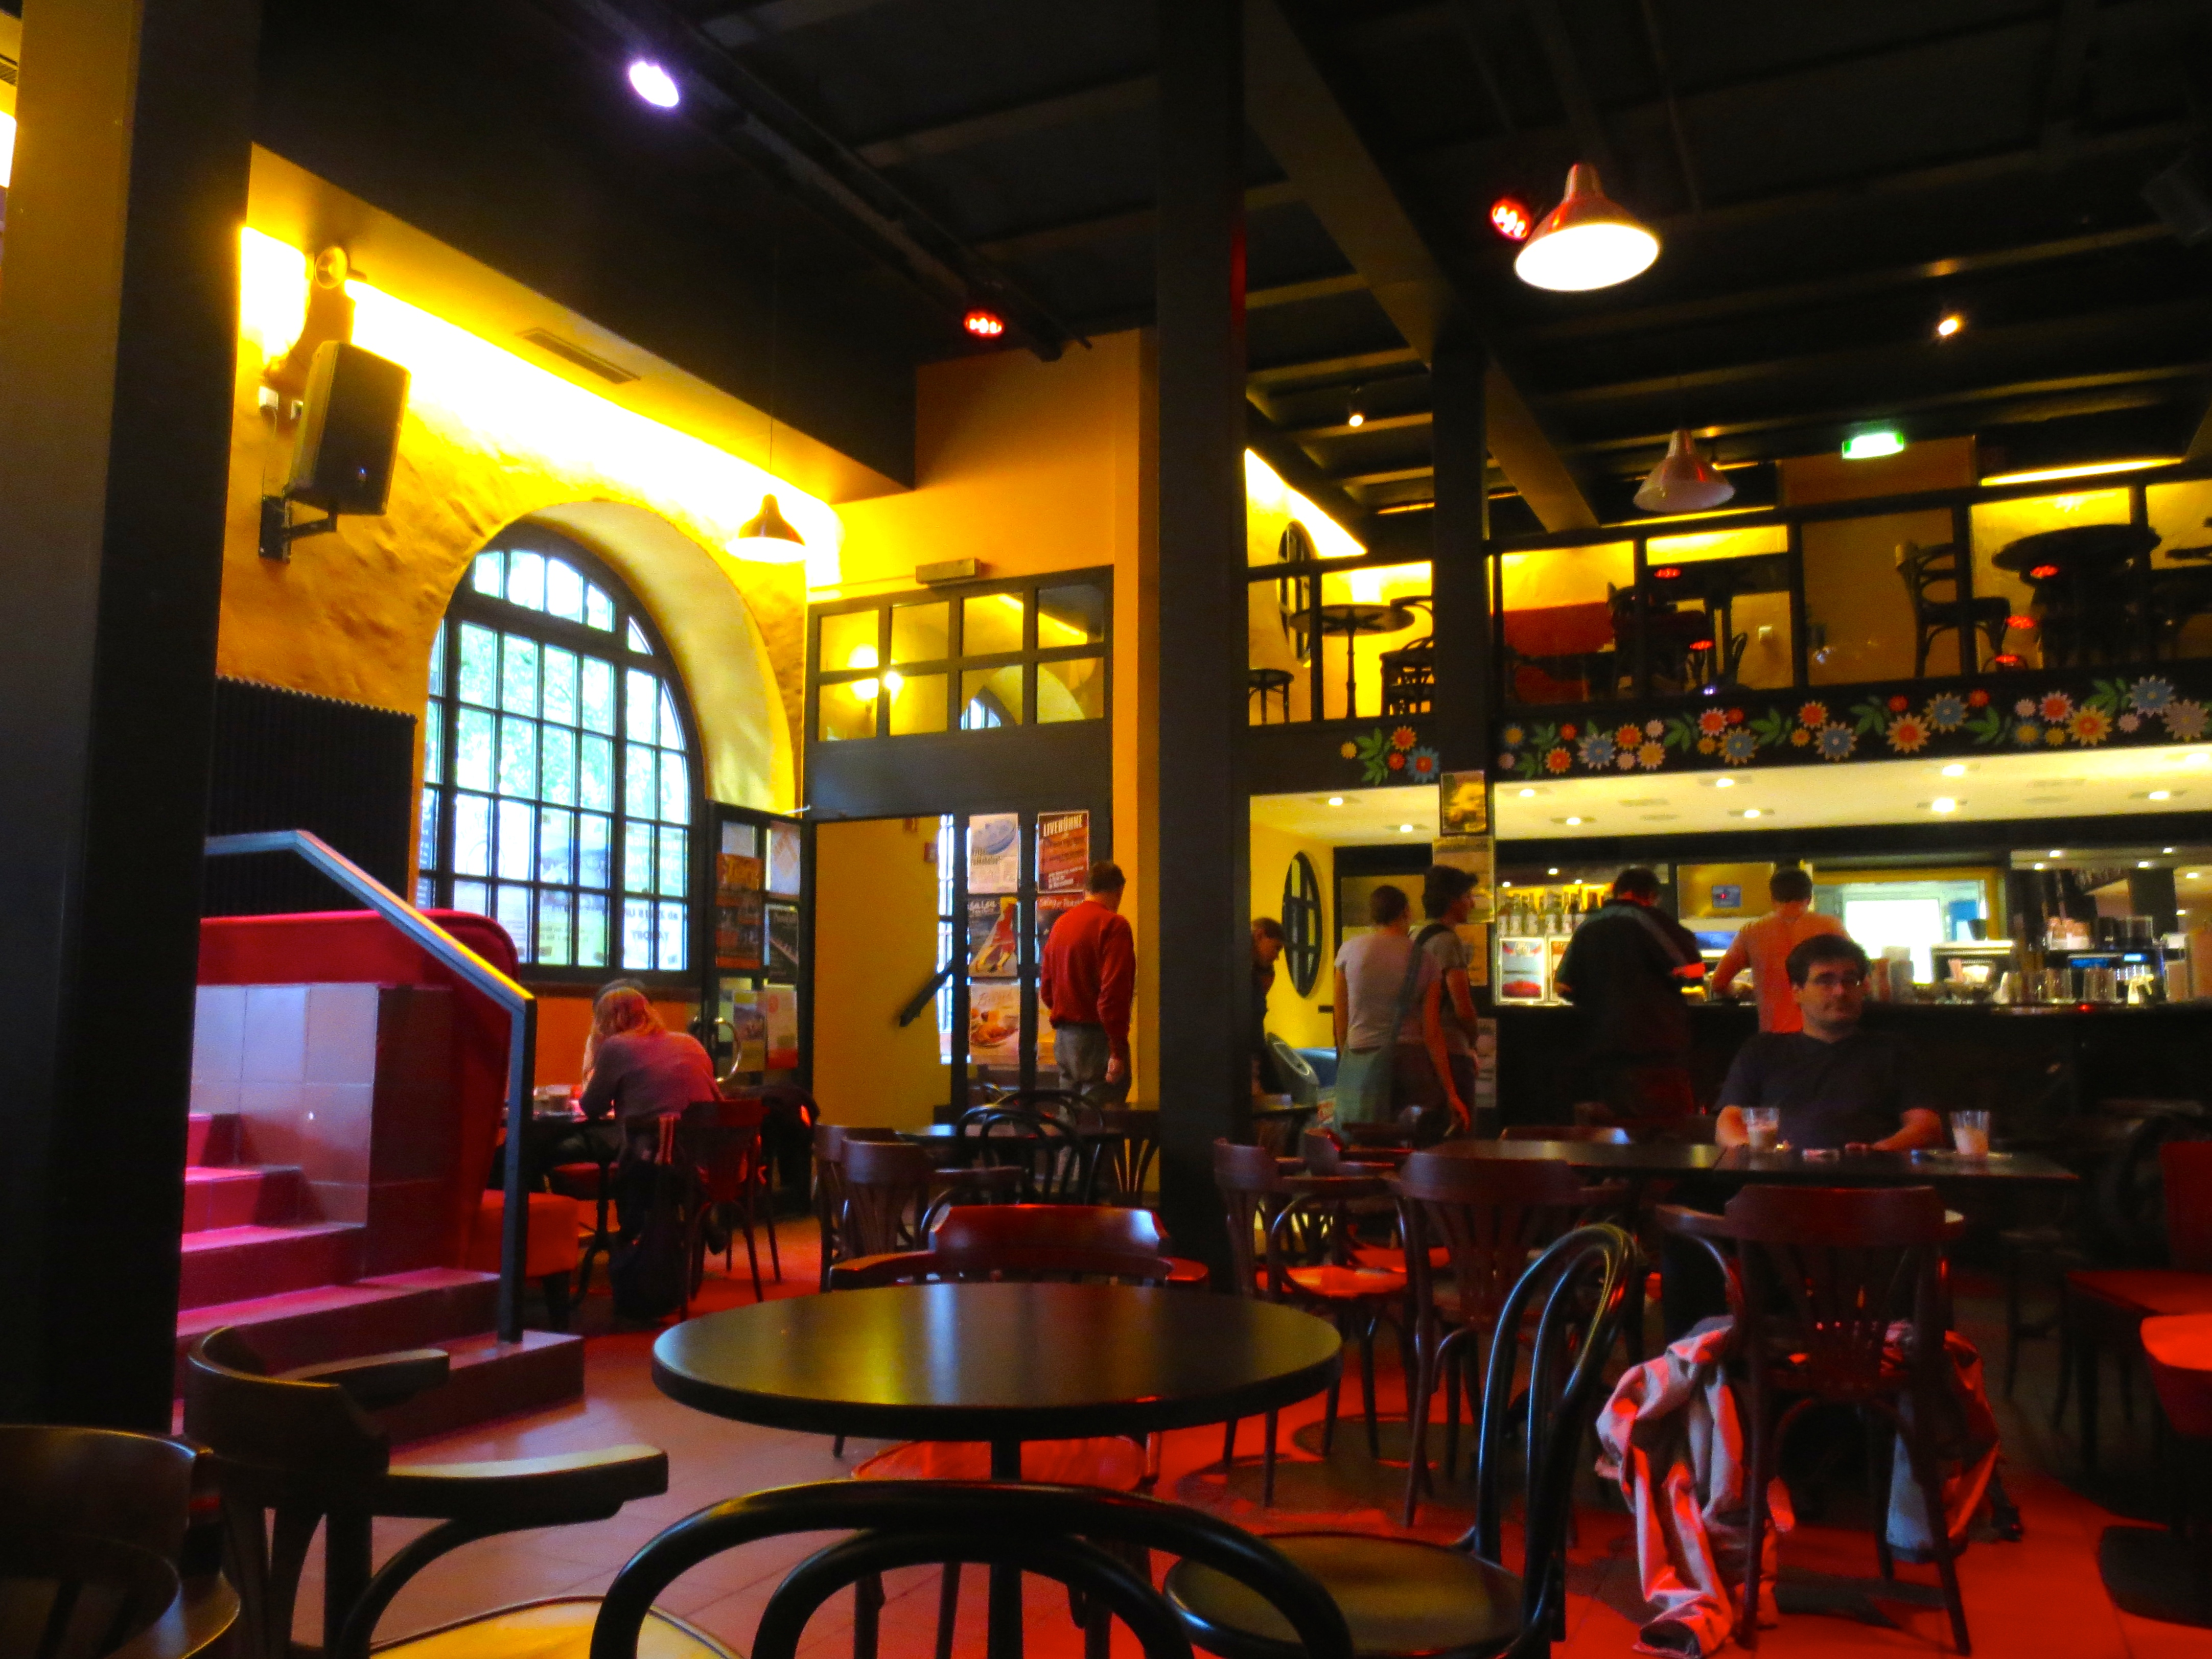 Cafes In Der N Ef Bf Bdhe Von Emmendingen